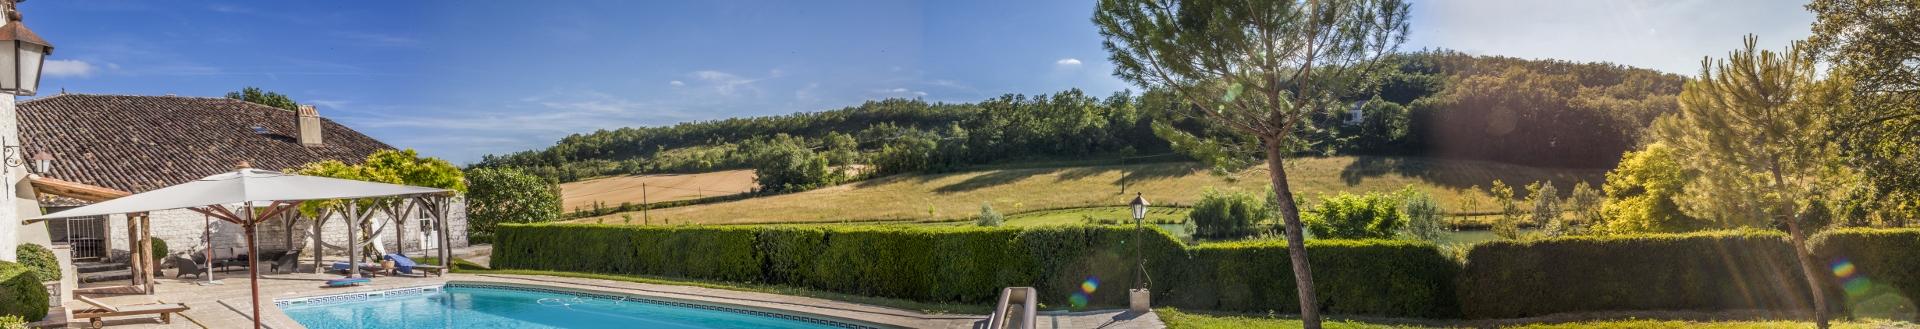 Piscine Panorama (1920x329)